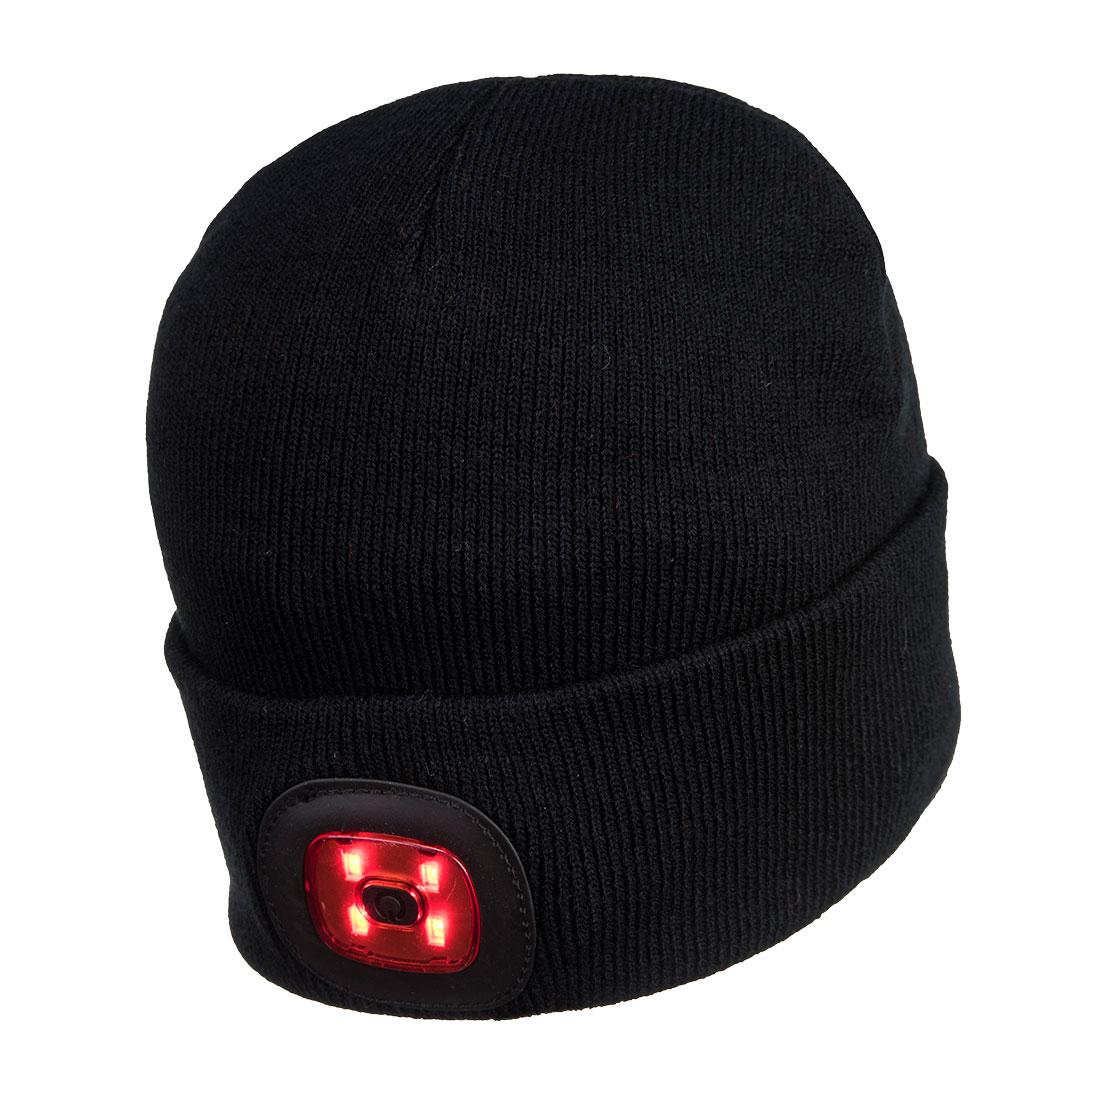 Mütze mit wiederaufladbaren LED - Leuchten vorn und hinter